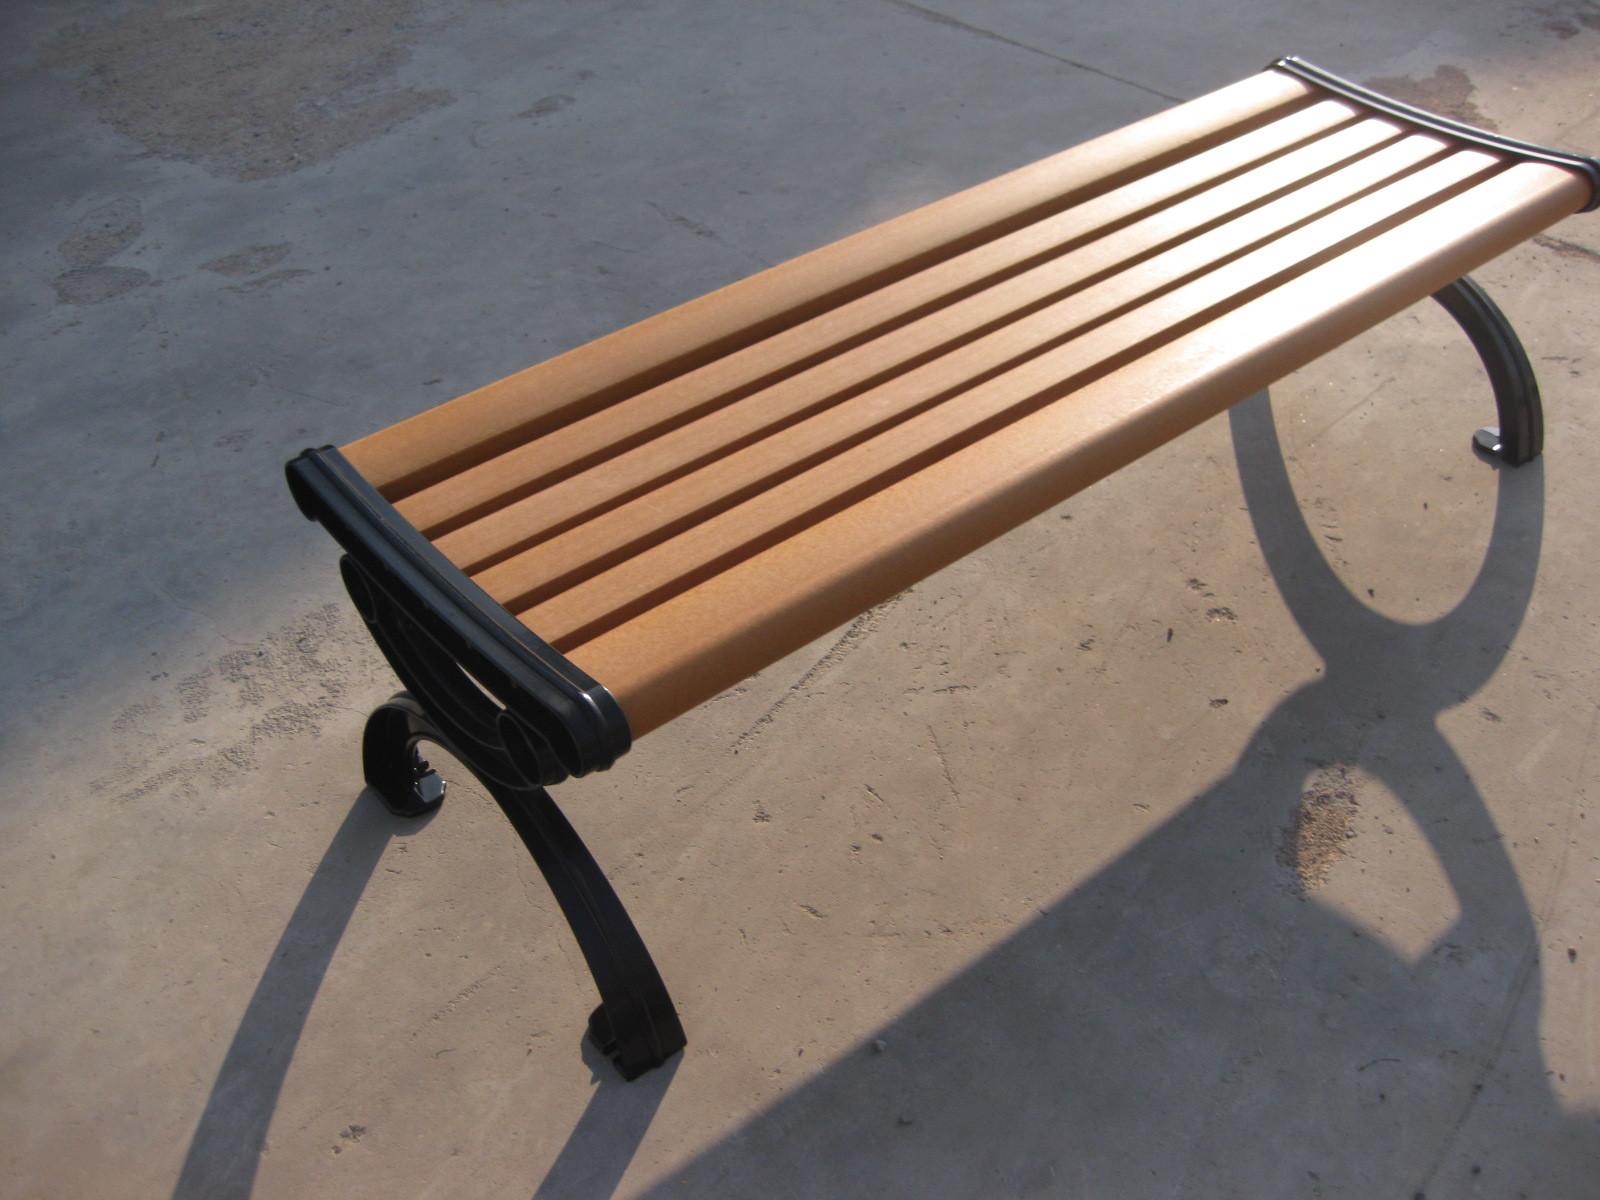 压铸铝合金 公园椅脚支架,厂家直销